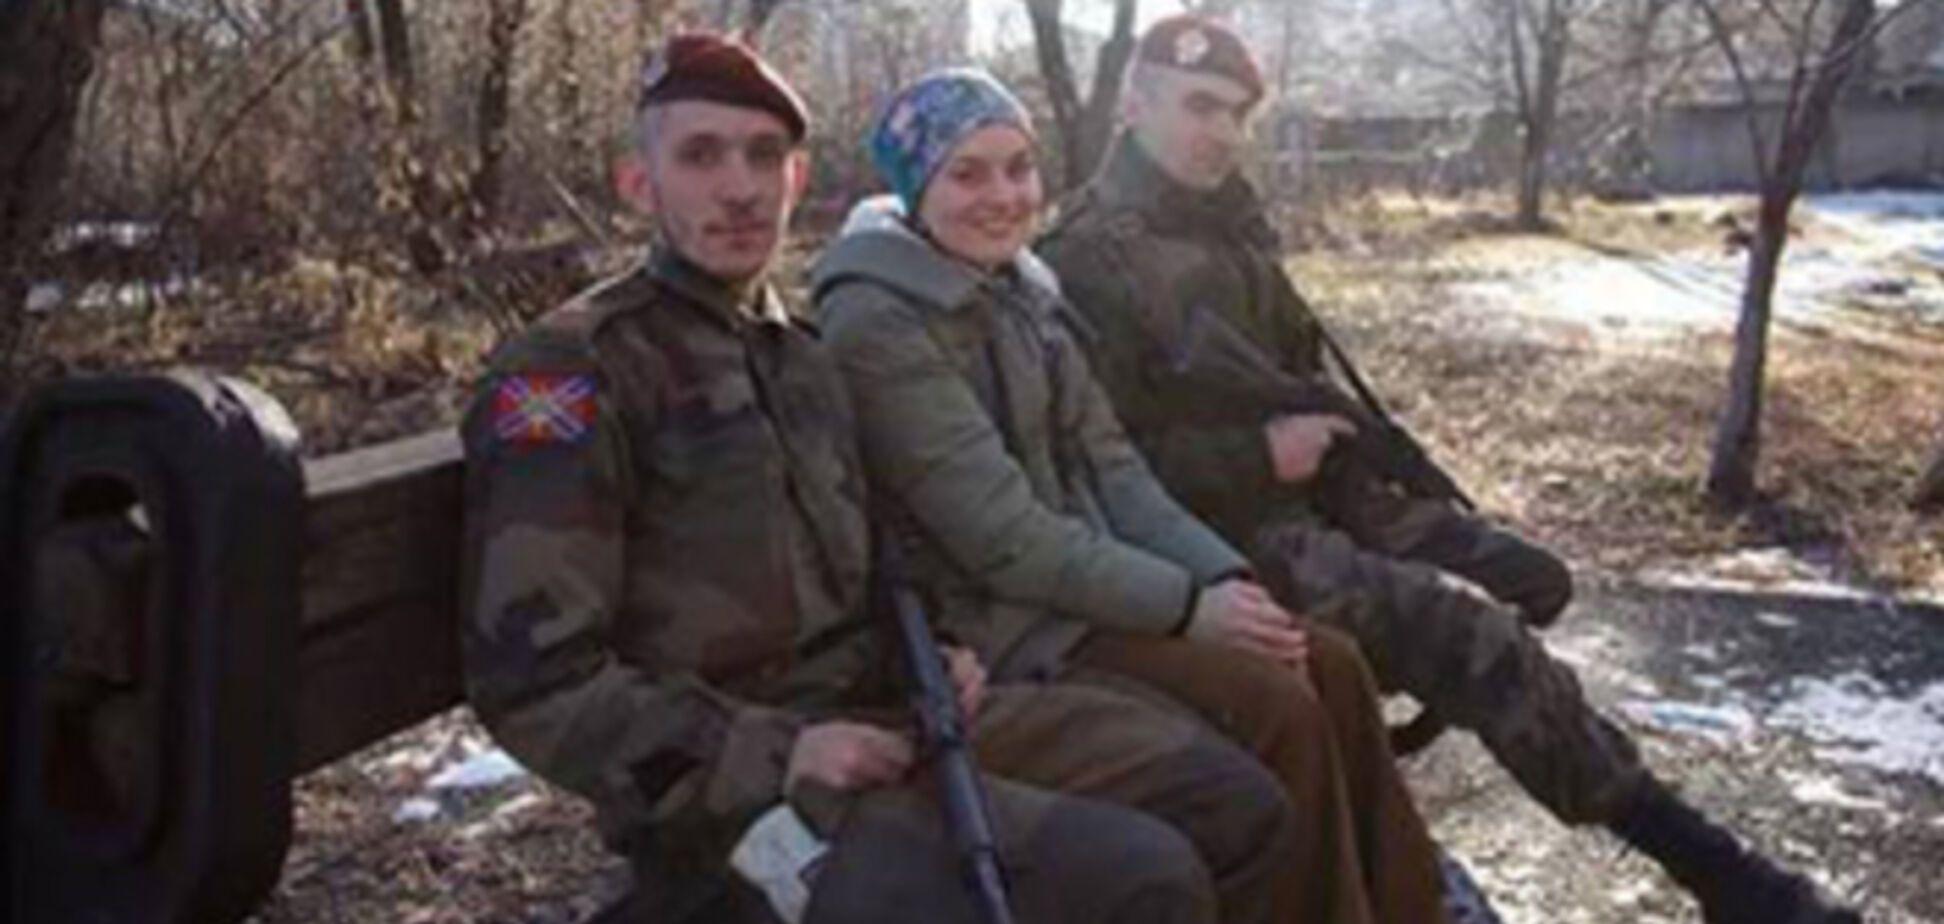 В рядах боевиков на Донбассе нашлись десятки 'натовских легионеров': фото иностранных наемников